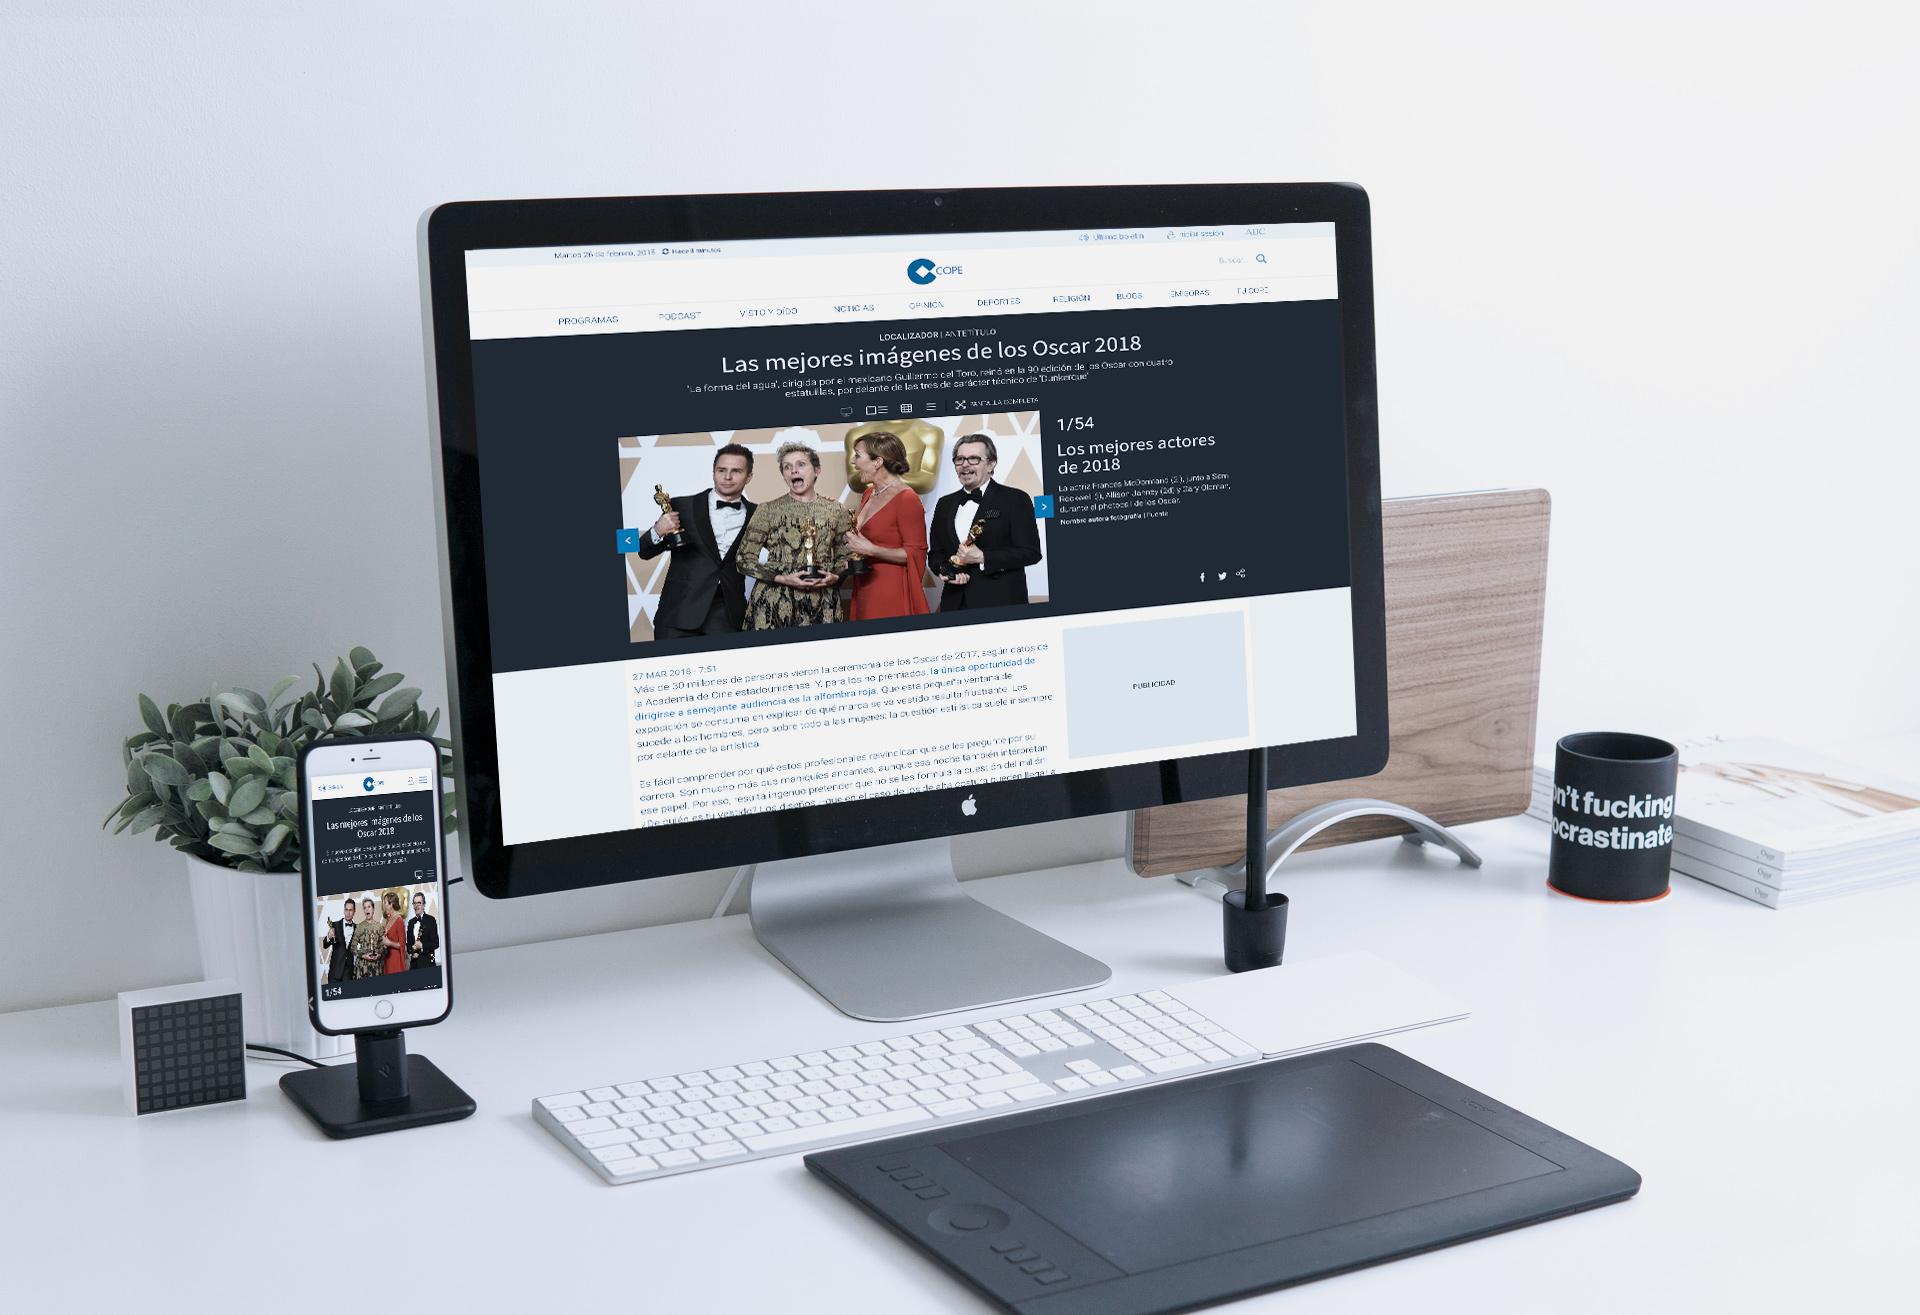 Mac de sobremesa y iPhone mostrando el diseño UX UI desktop y mobile de las galerías de cope.es